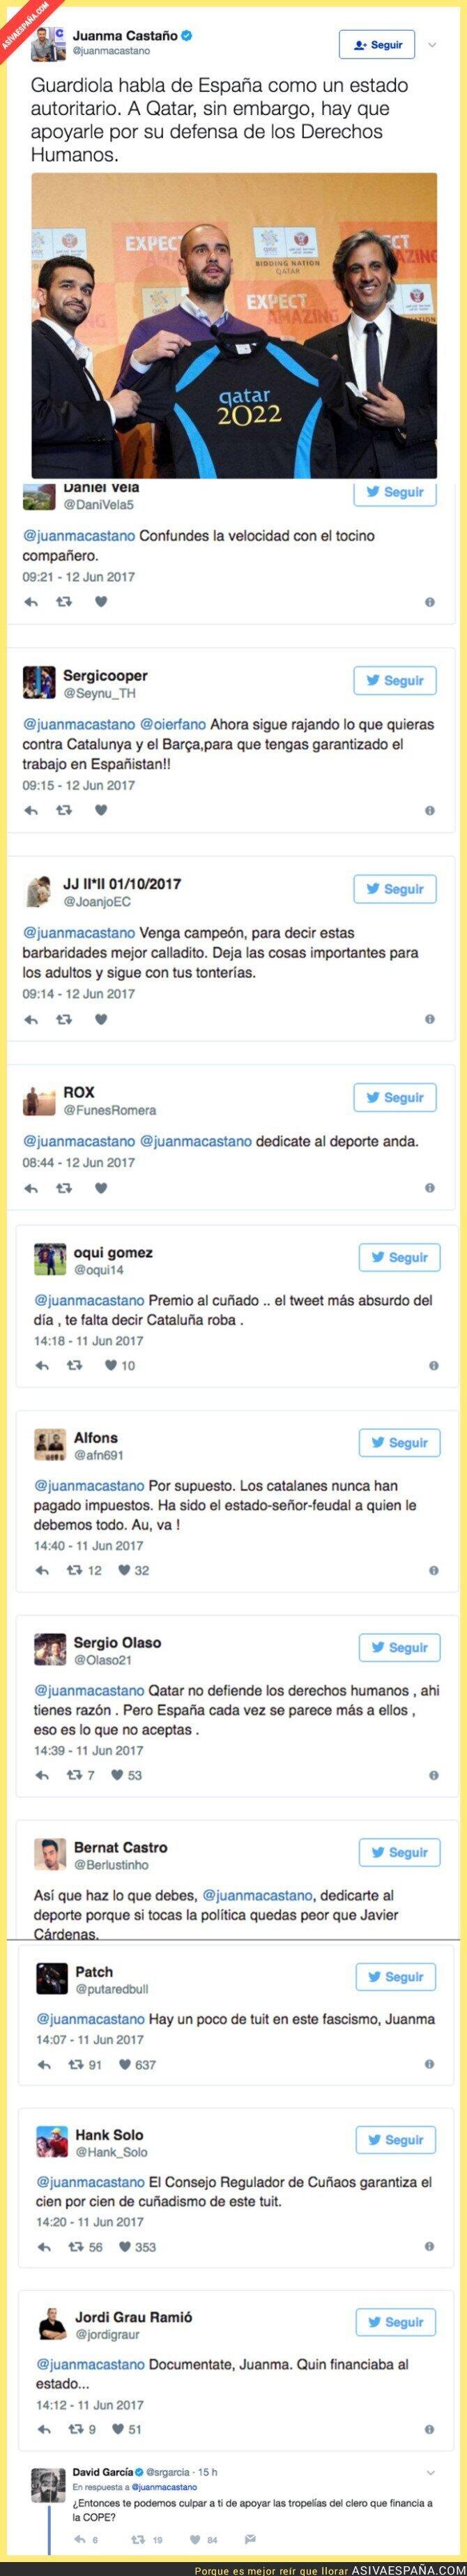 69753 - Juanma Castaño critica a Guardiola y Twitter se le vuelve en contra con críticas hacia él